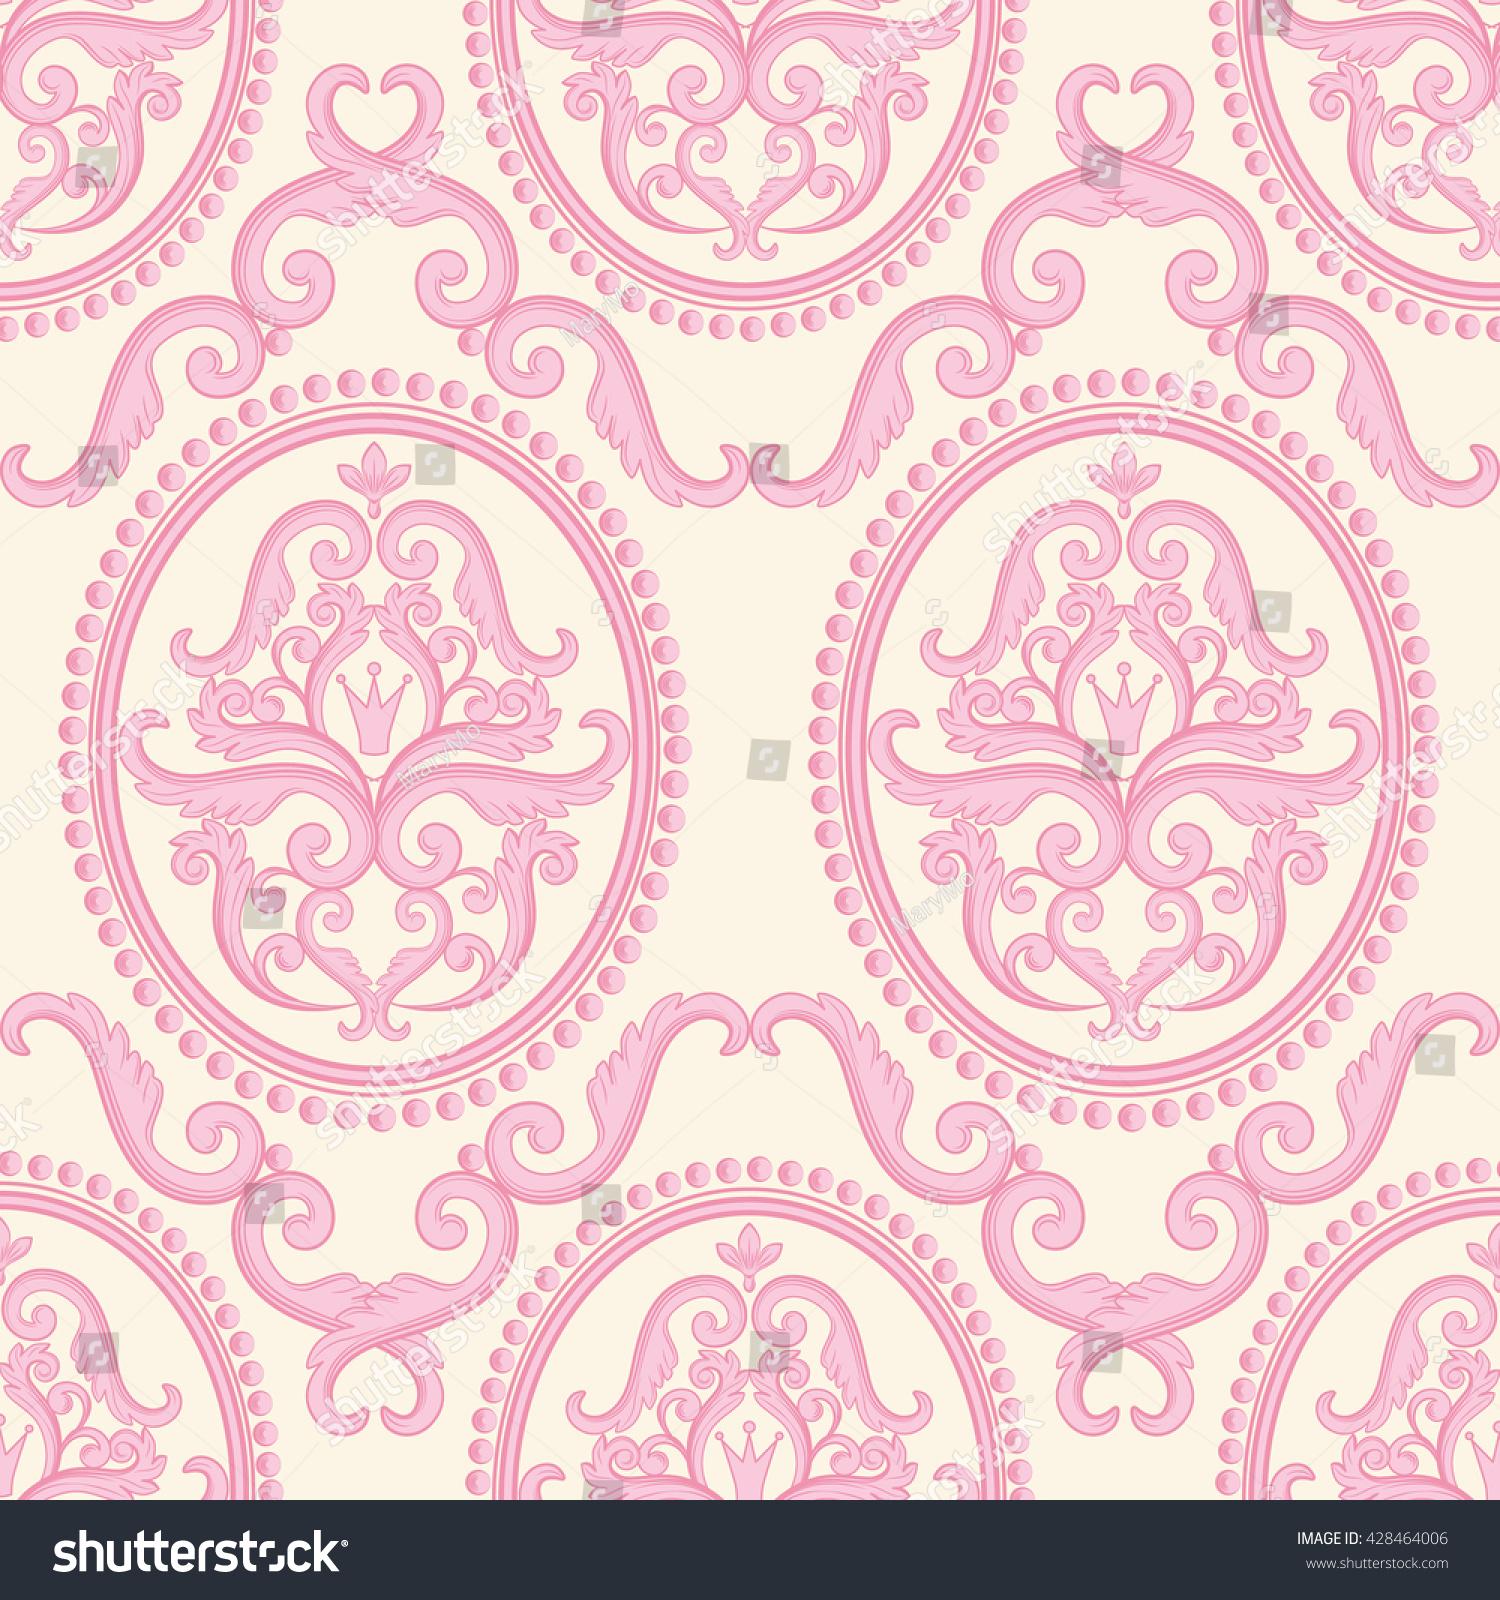 Seamless Damask Pattern Pink Pastel Texture 428464006